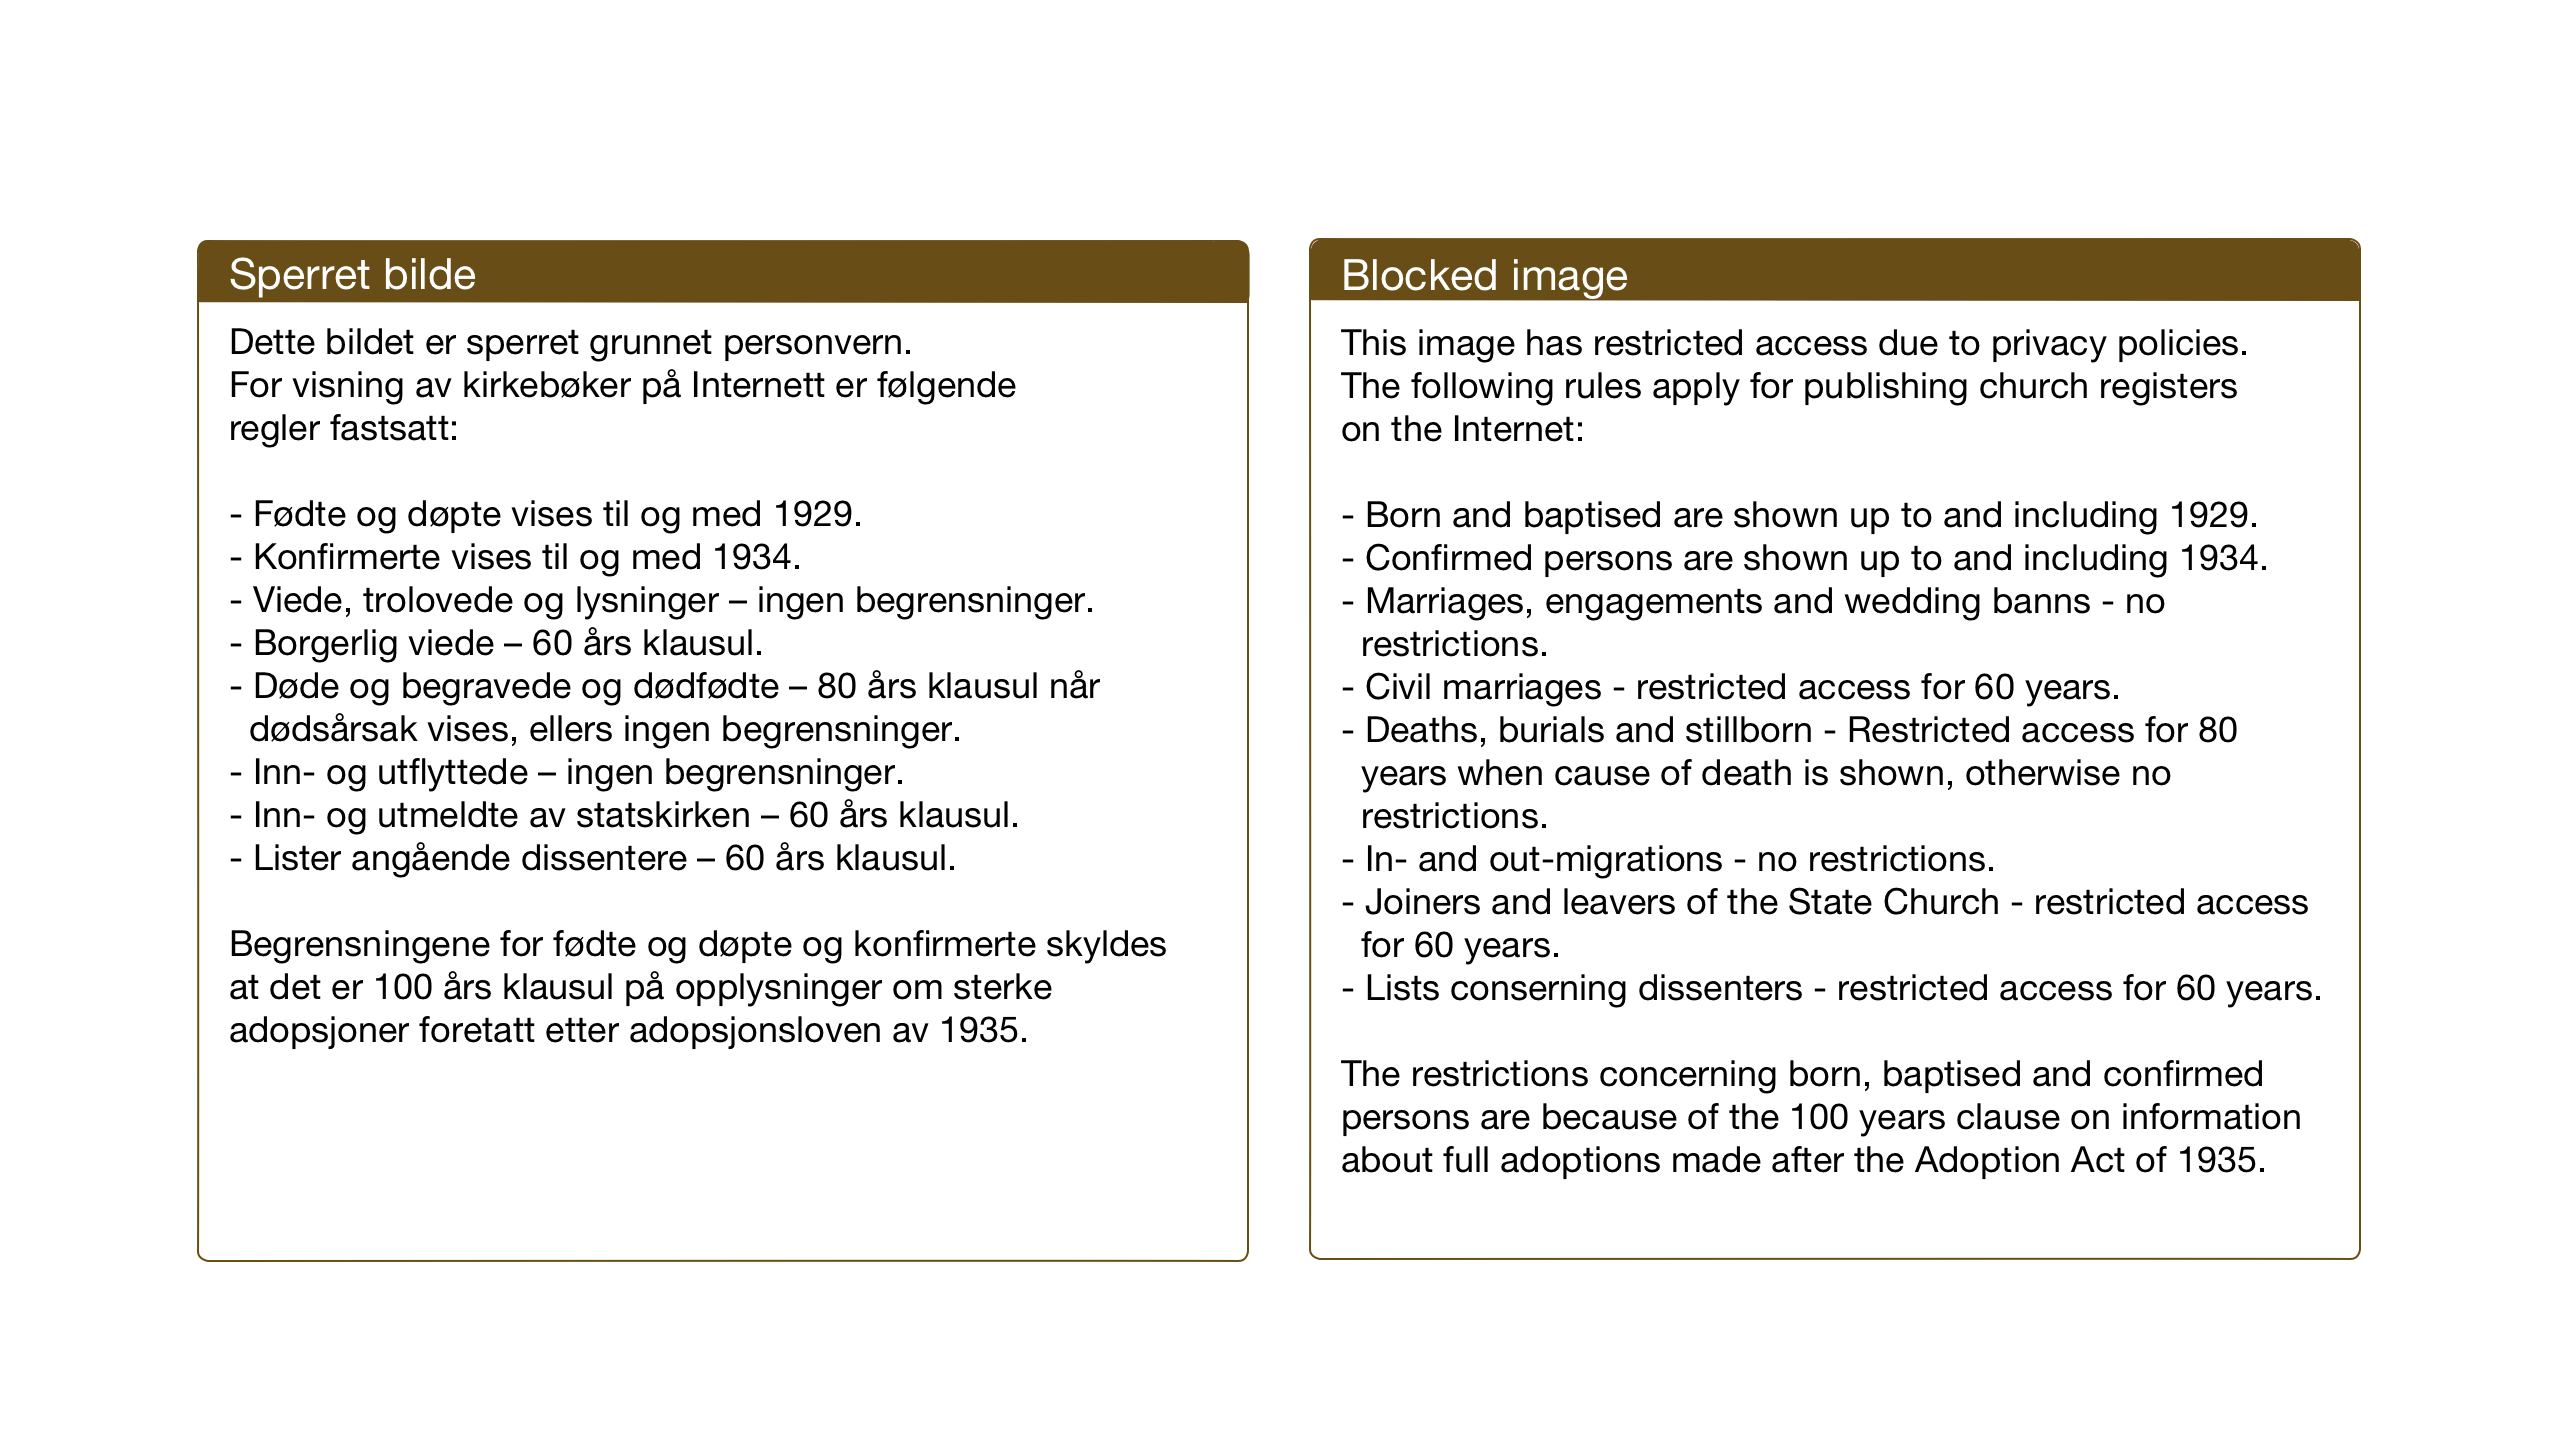 SAT, Ministerialprotokoller, klokkerbøker og fødselsregistre - Nord-Trøndelag, 755/L0500: Klokkerbok nr. 755C01, 1920-1962, s. 102